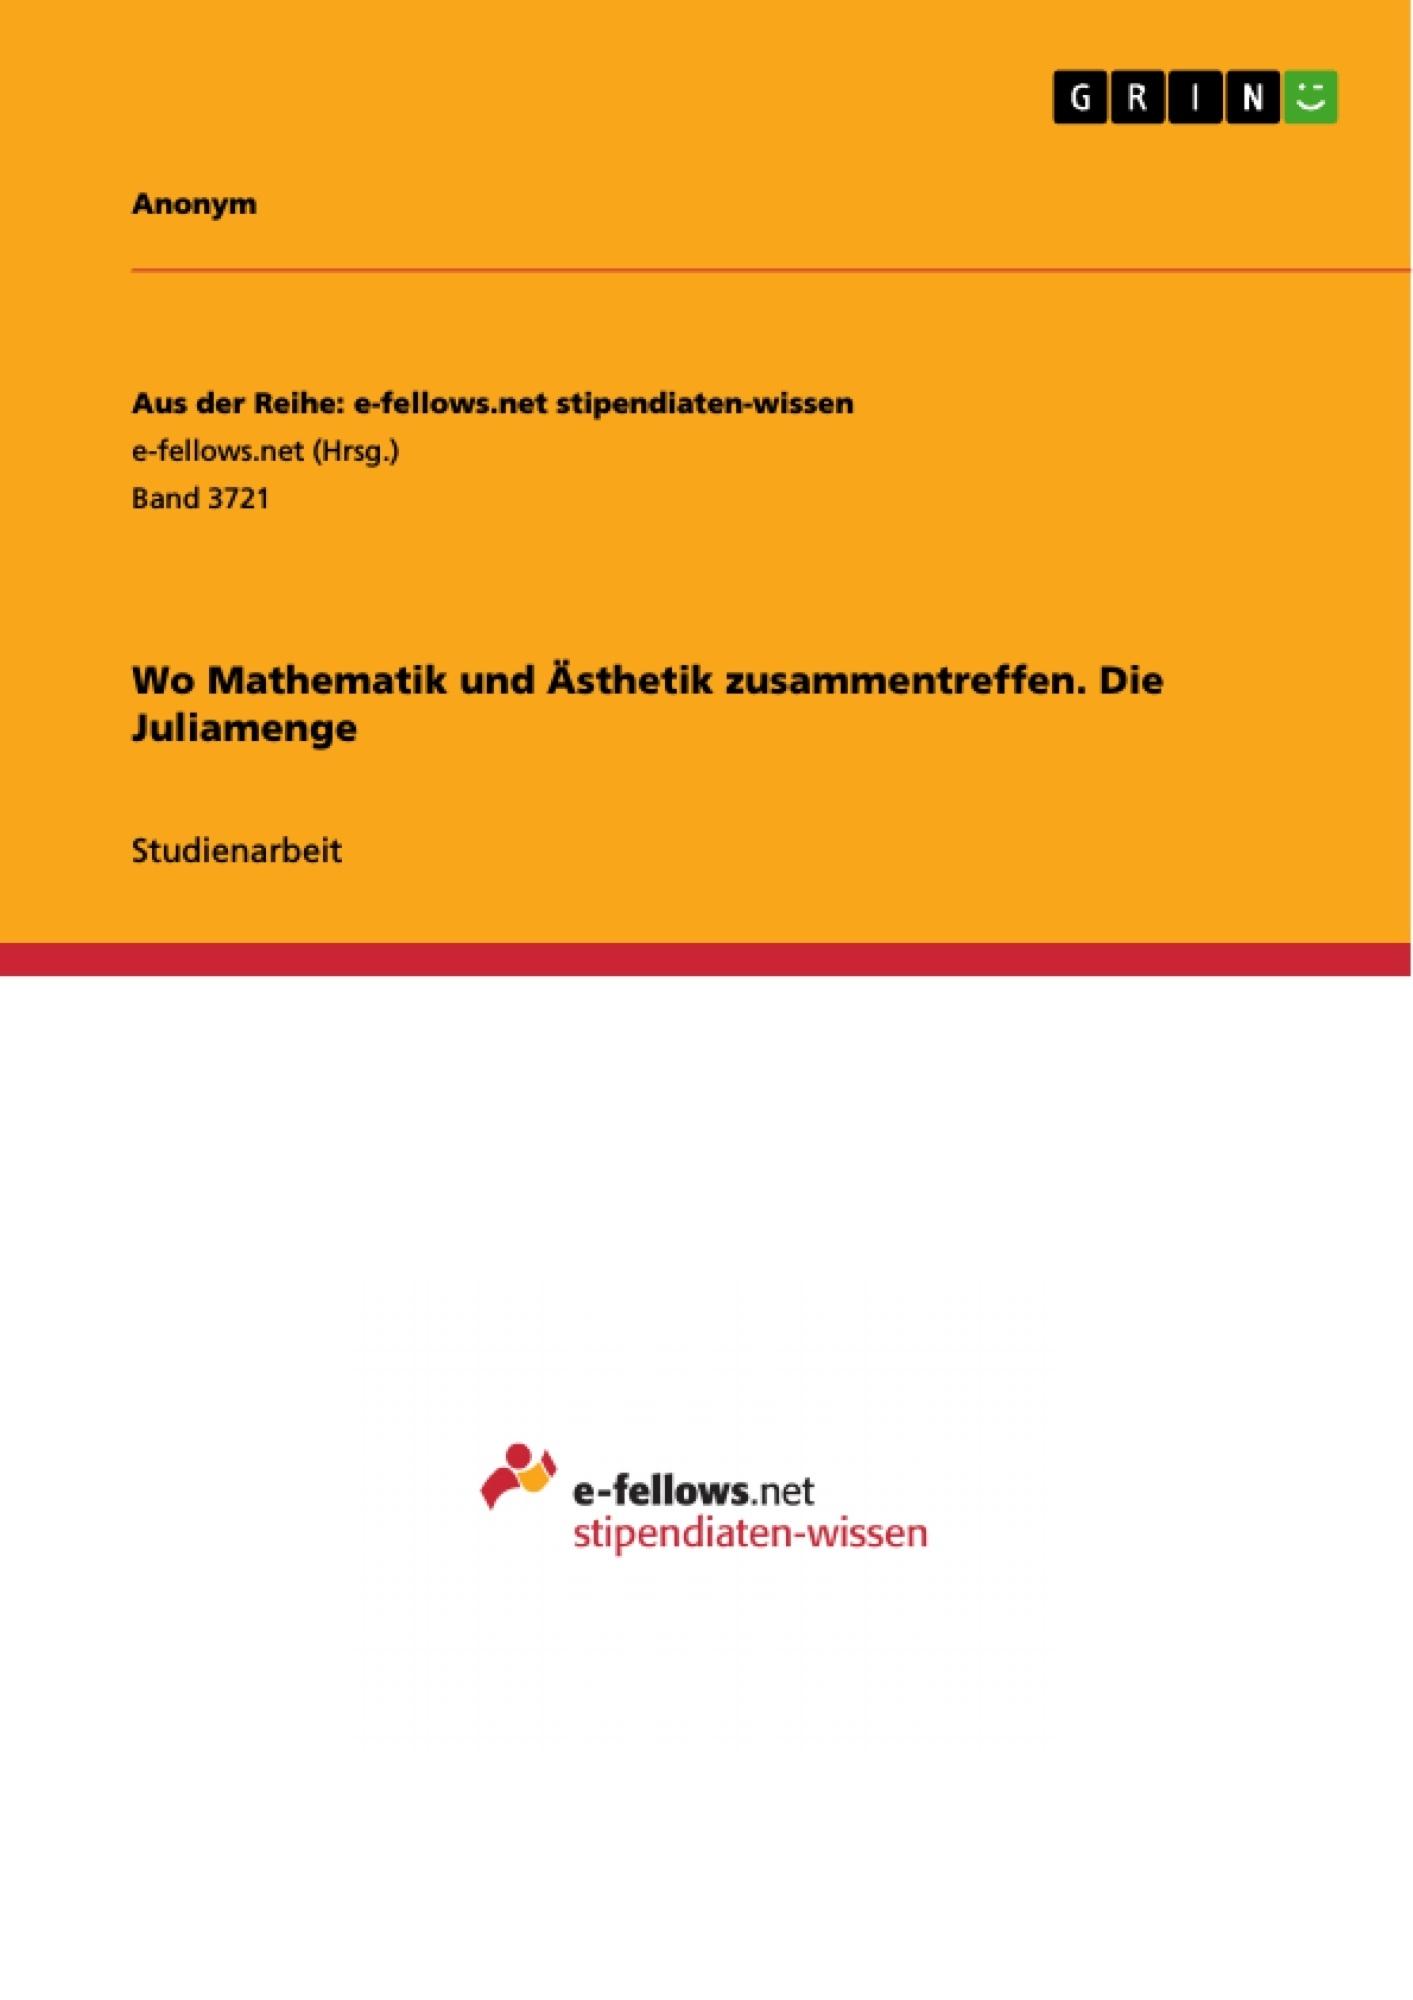 Titel: Wo Mathematik und Ästhetik zusammentreffen. Die Juliamenge